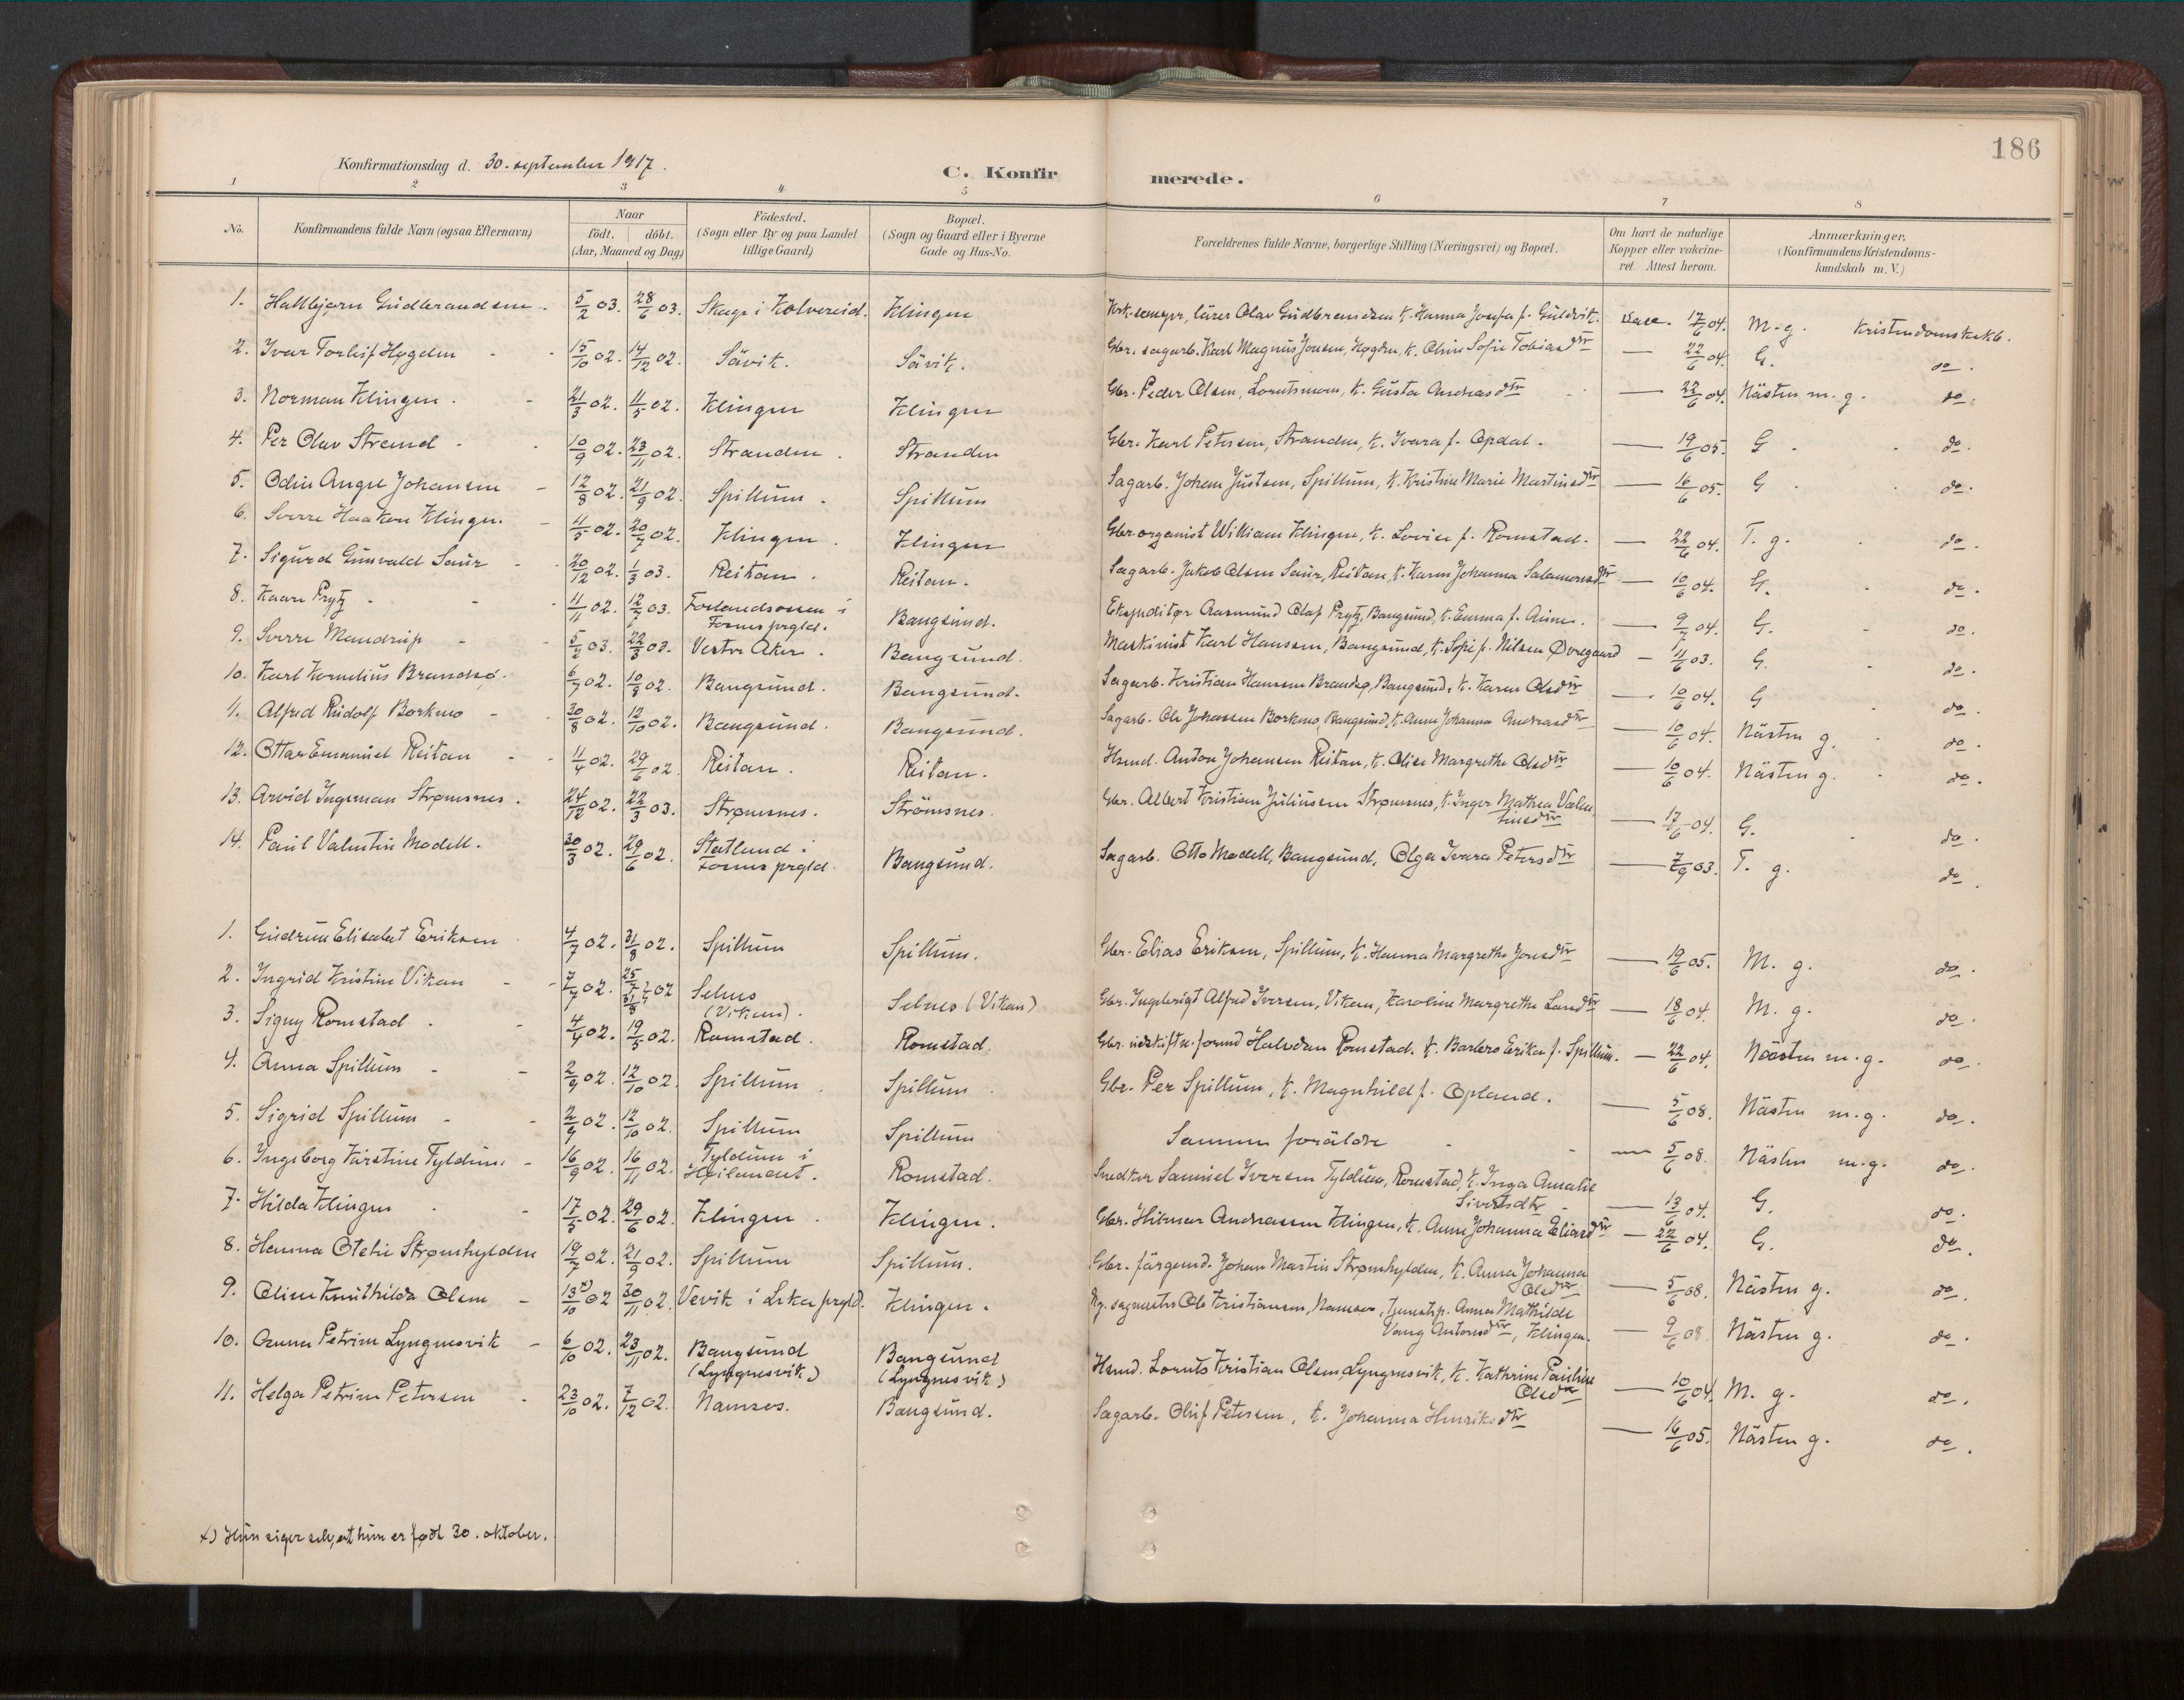 SAT, Ministerialprotokoller, klokkerbøker og fødselsregistre - Nord-Trøndelag, 770/L0589: Ministerialbok nr. 770A03, 1887-1929, s. 186